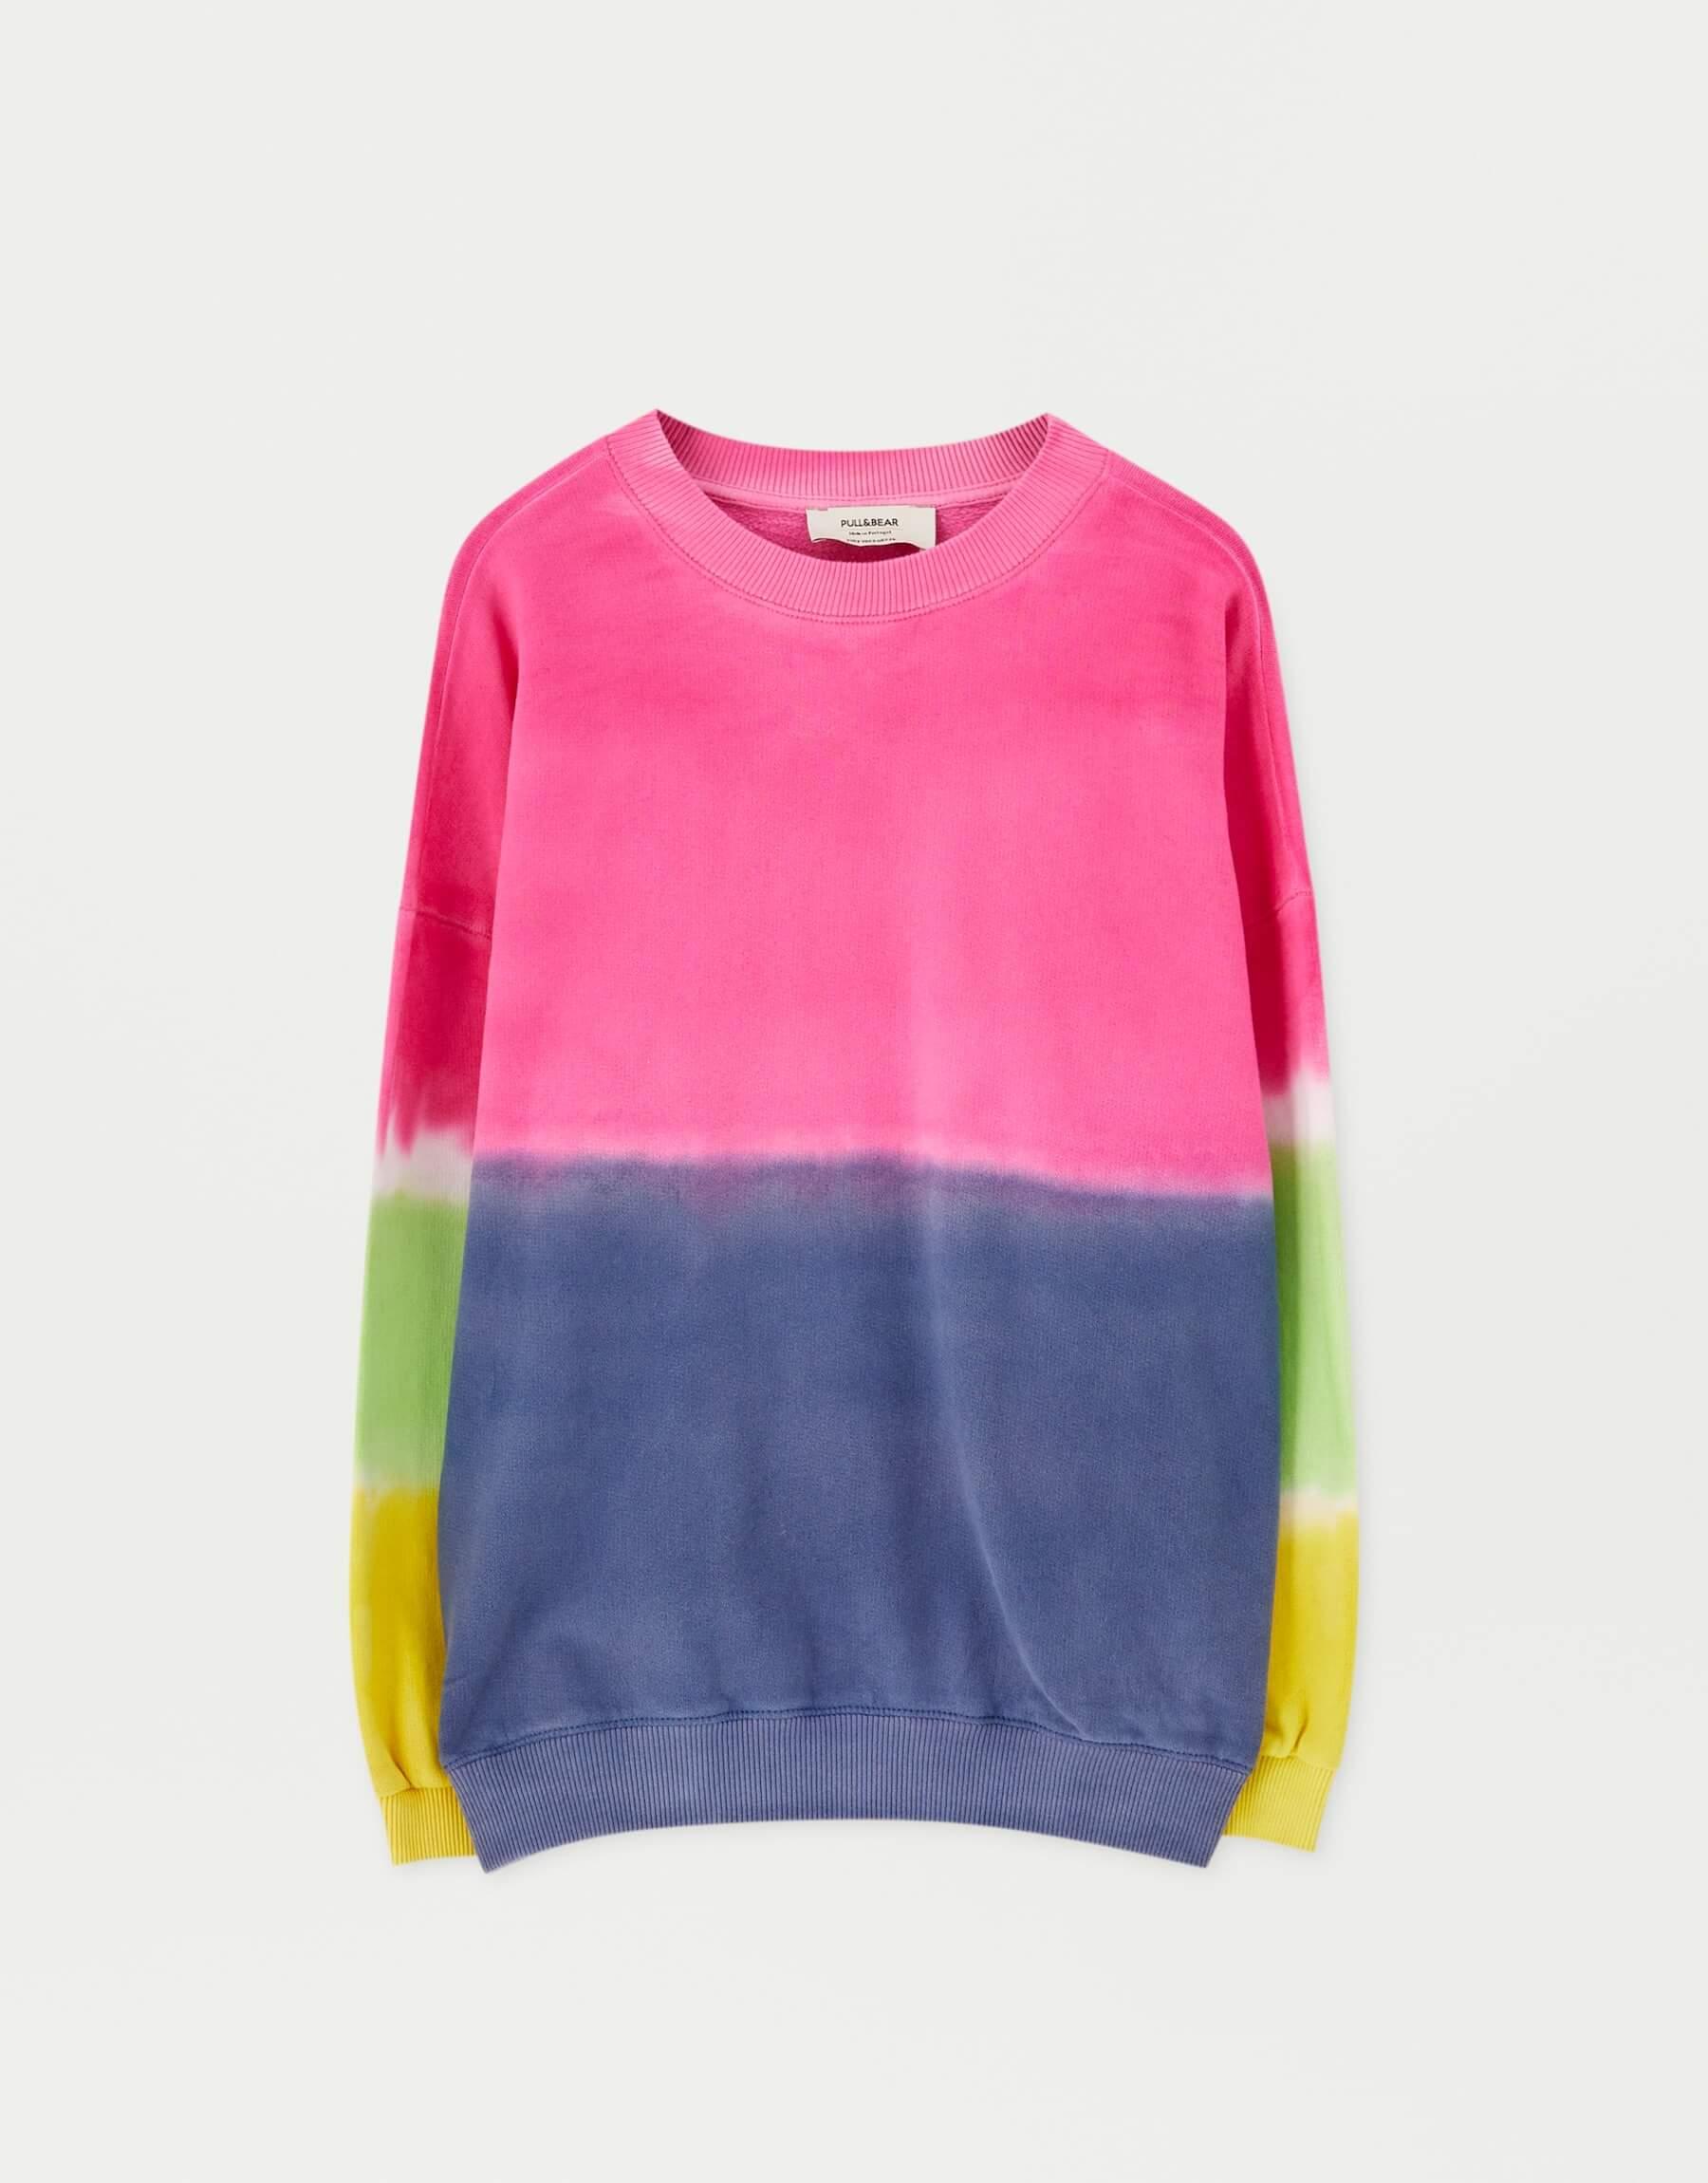 Sudadera en colores arcoíris.